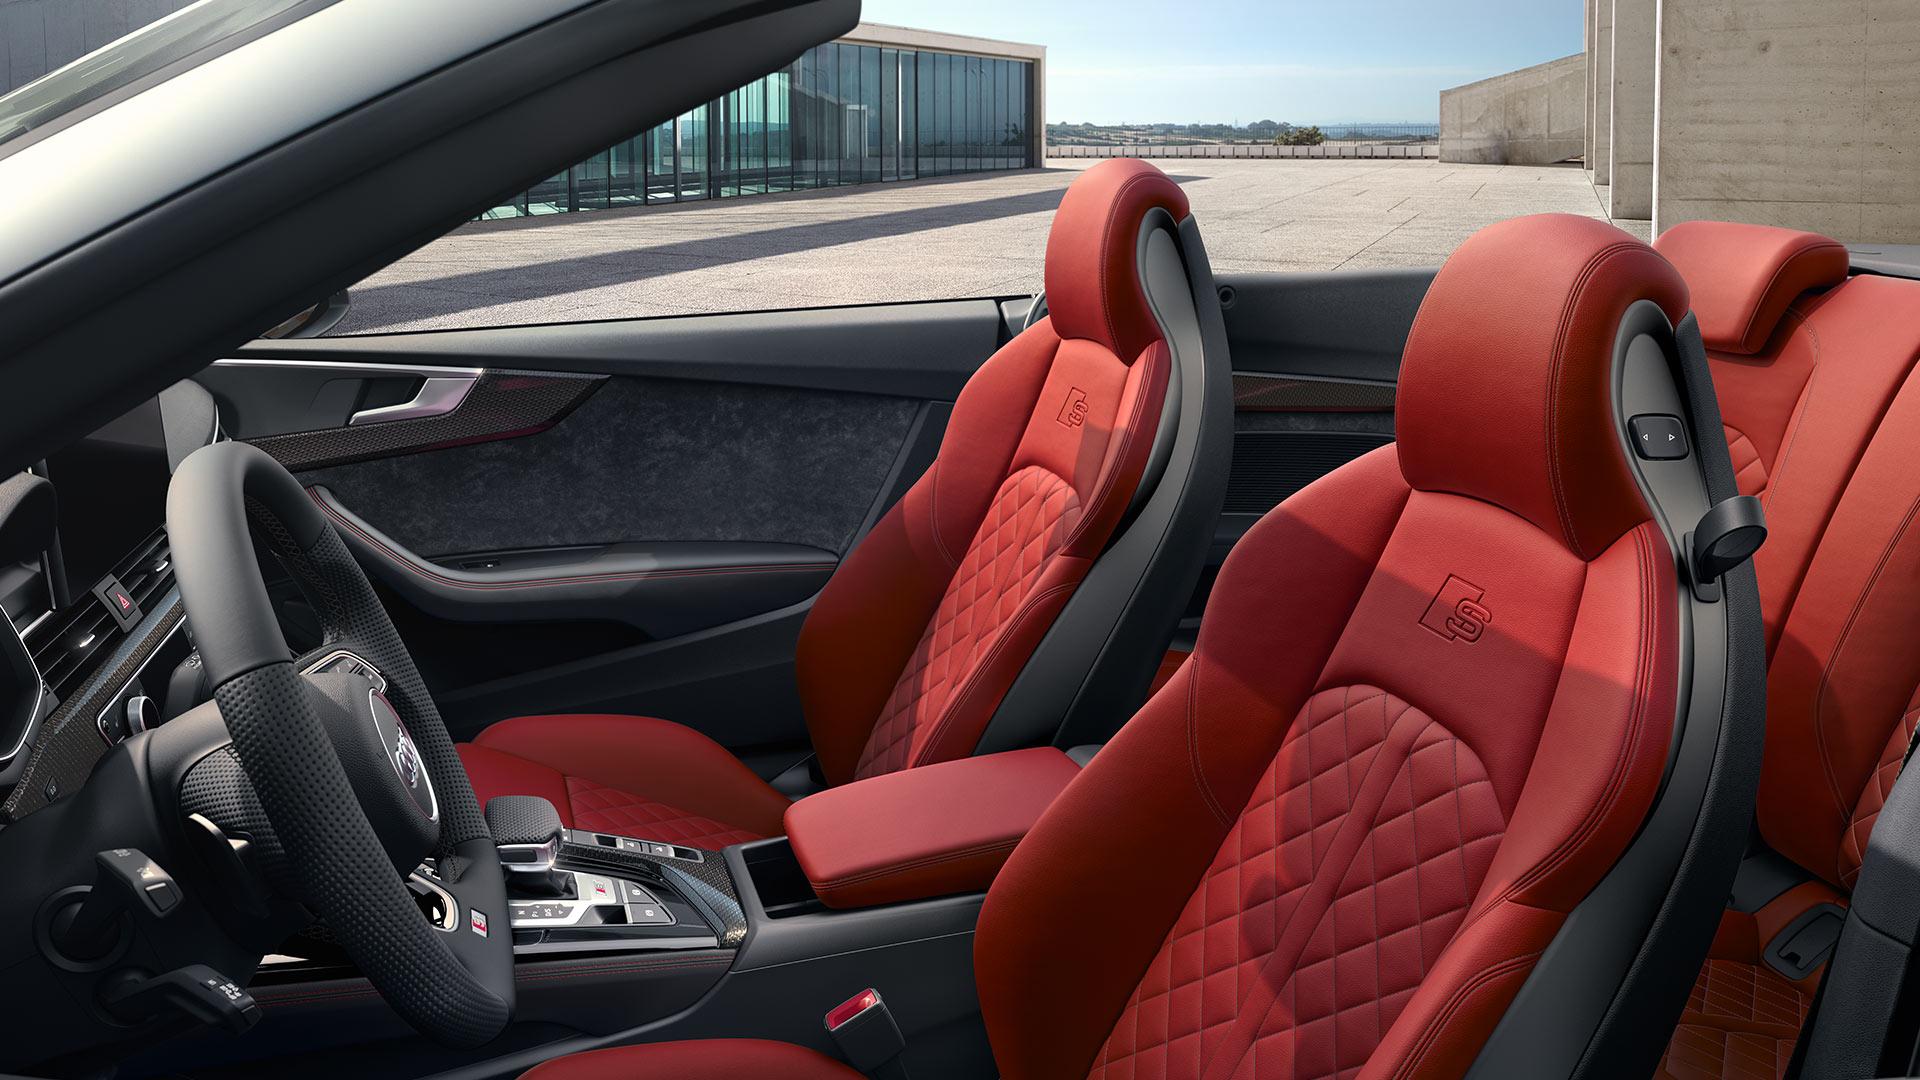 S5 Cabriolet A5 Faw Volkswagen Audi Vorsprung Durch Technik